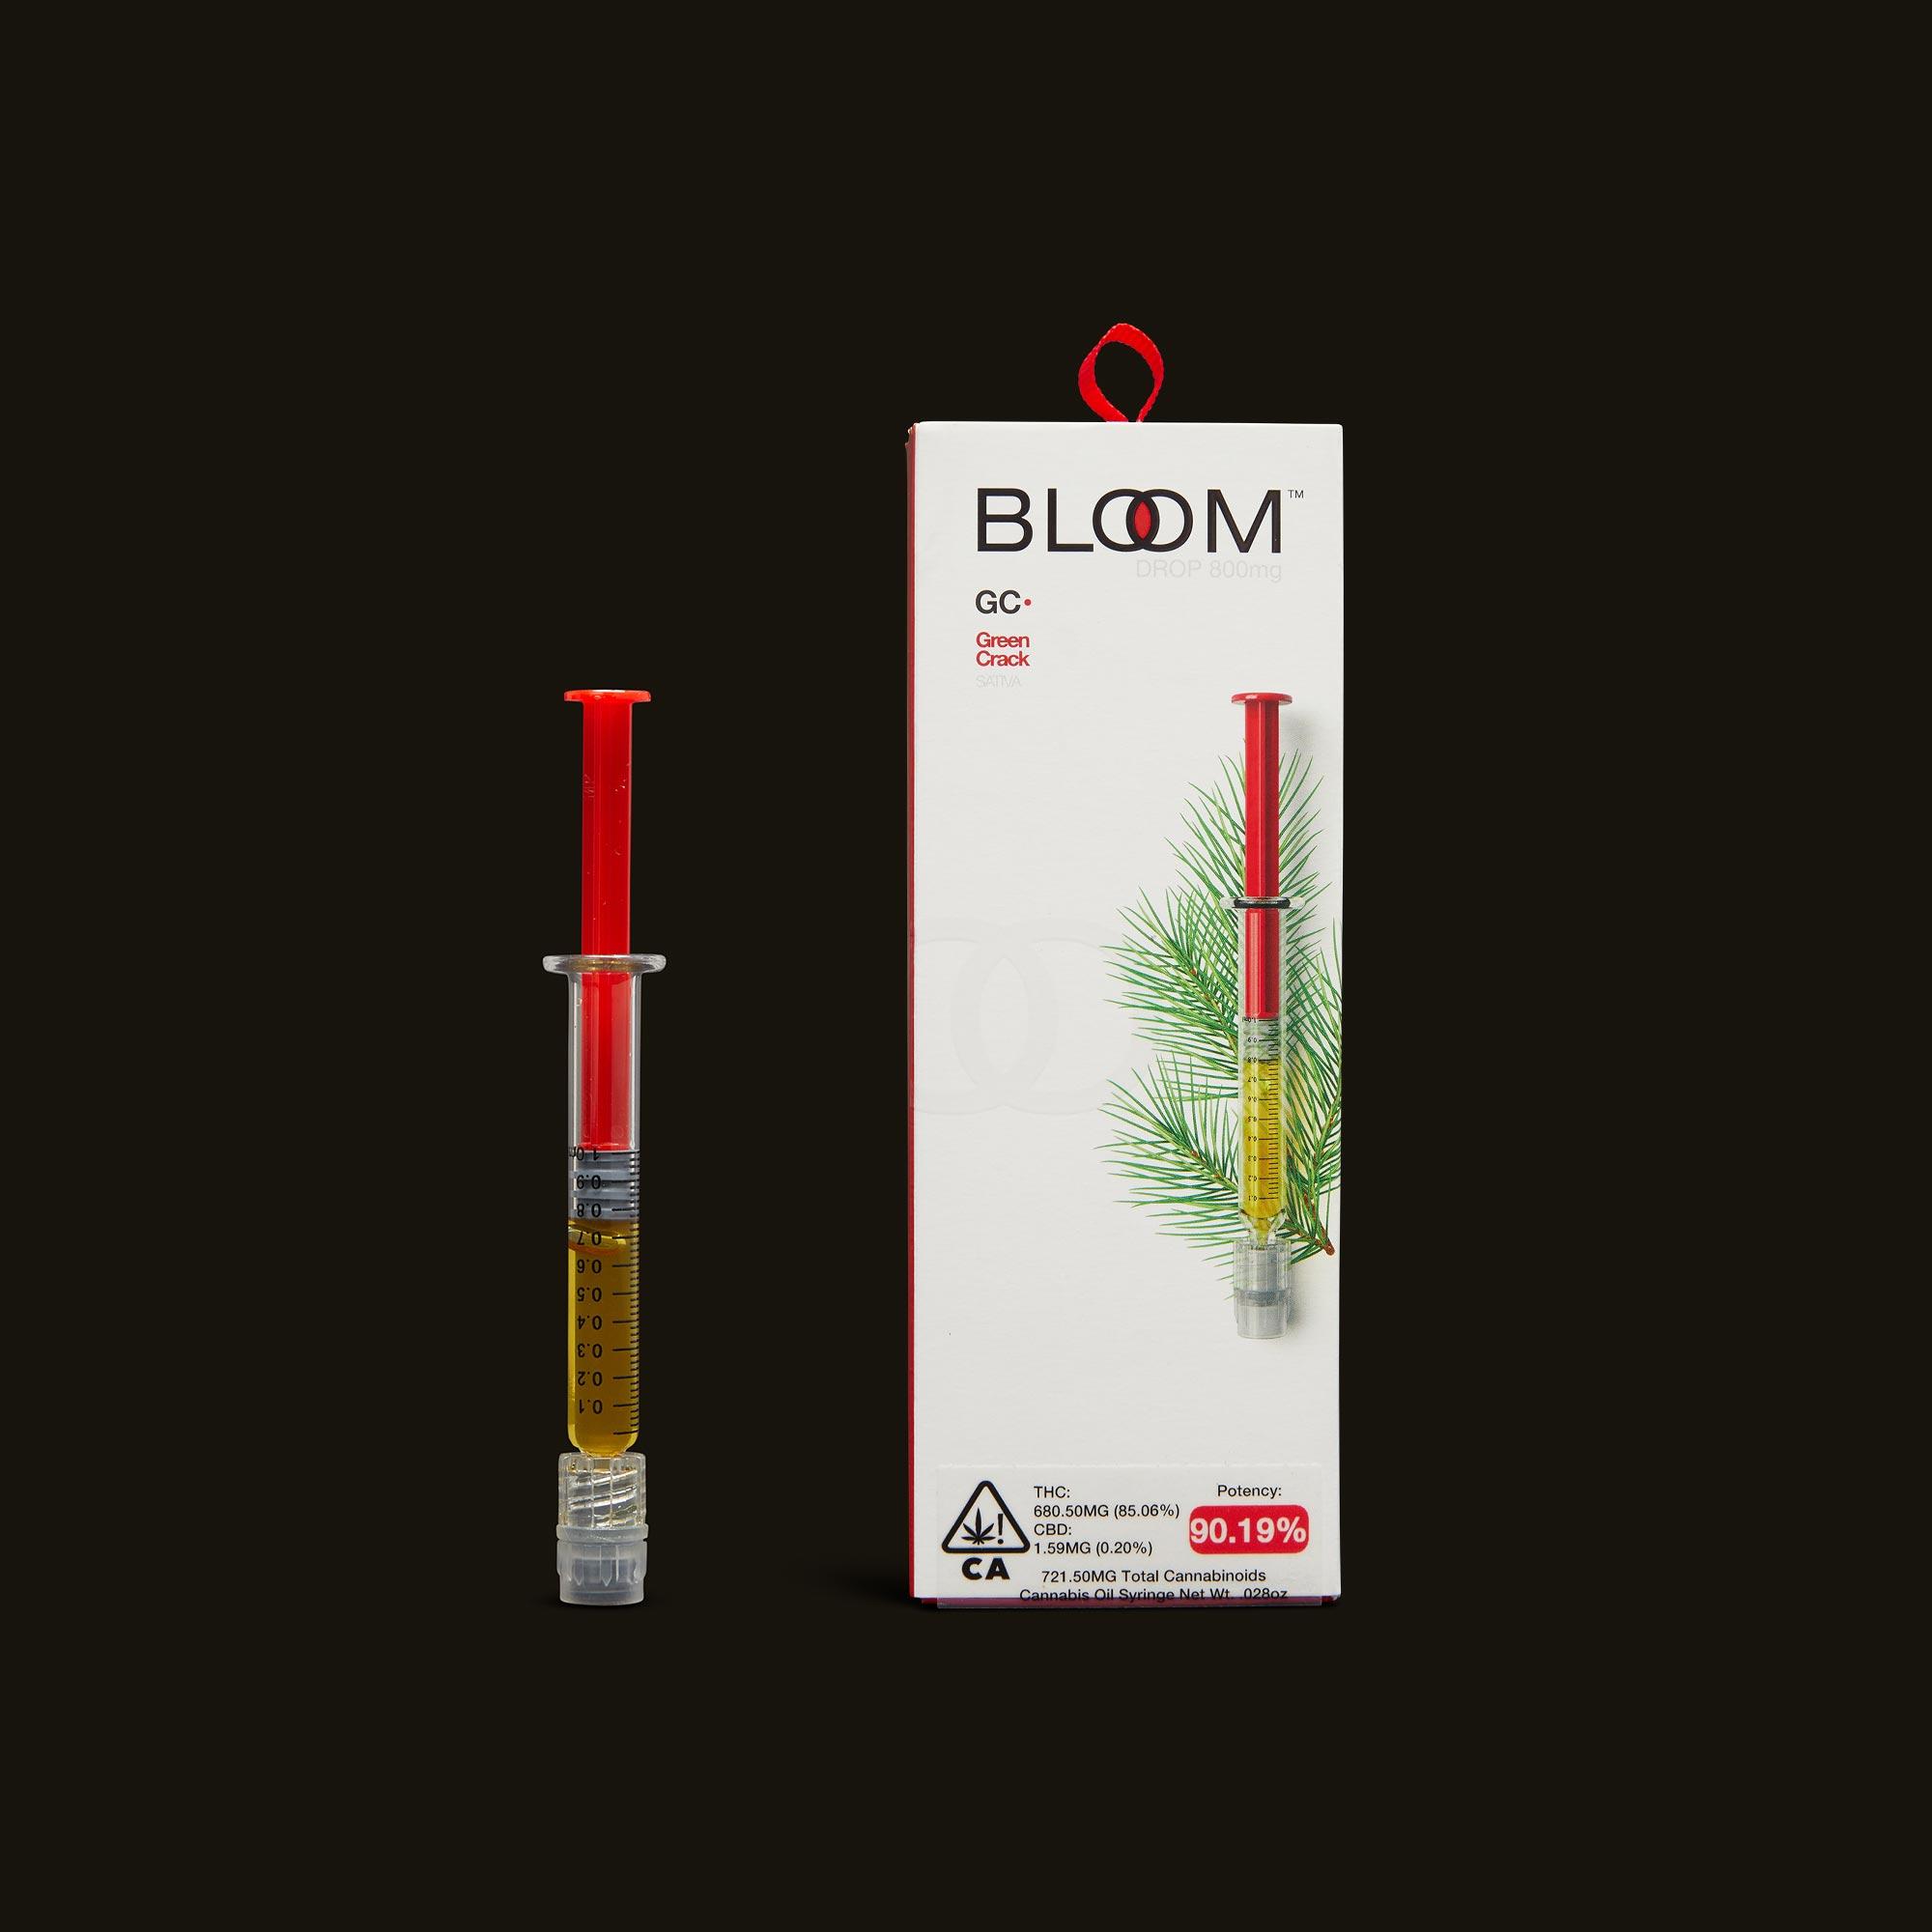 Bloom Brands Green Crack Drop